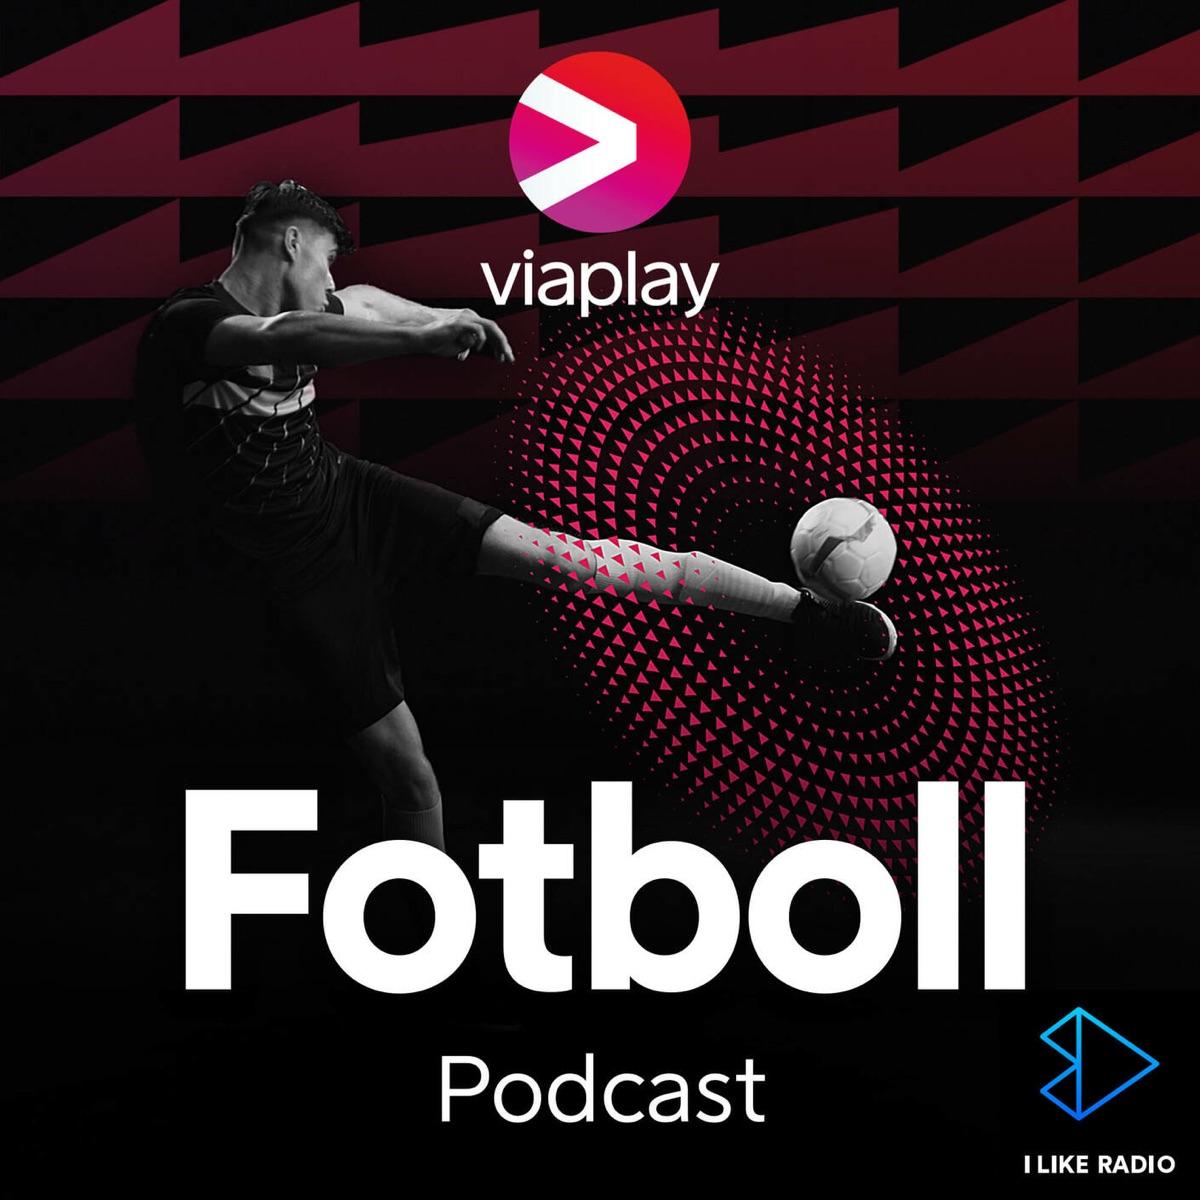 Viaplay Fotboll Podcast